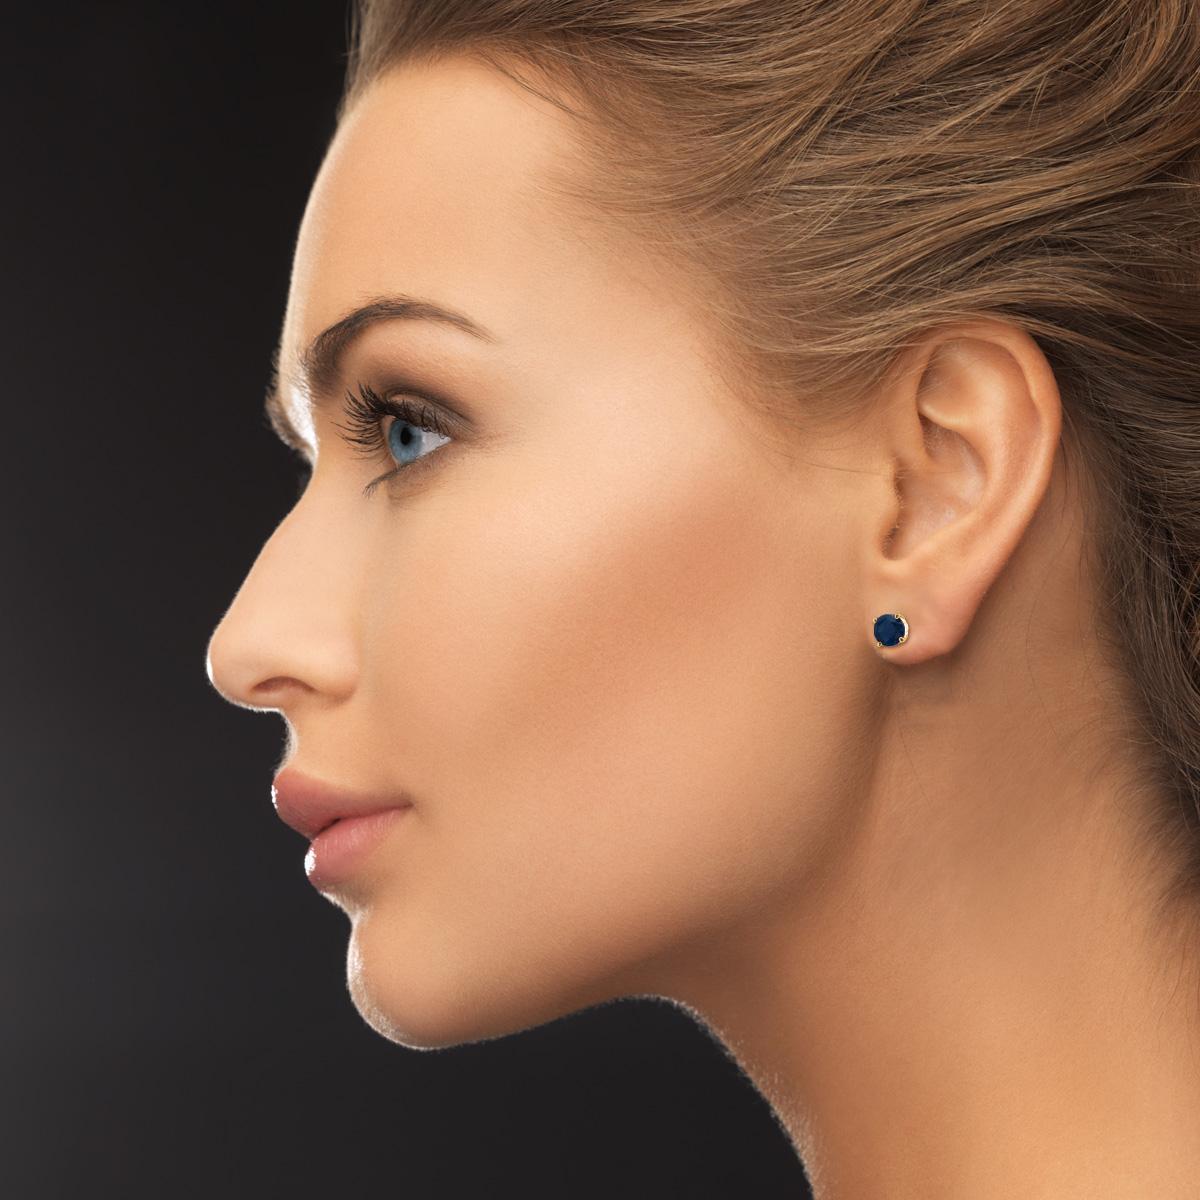 1 2 Carat Sapphire Stud Earrings in 14k Yellow Gold